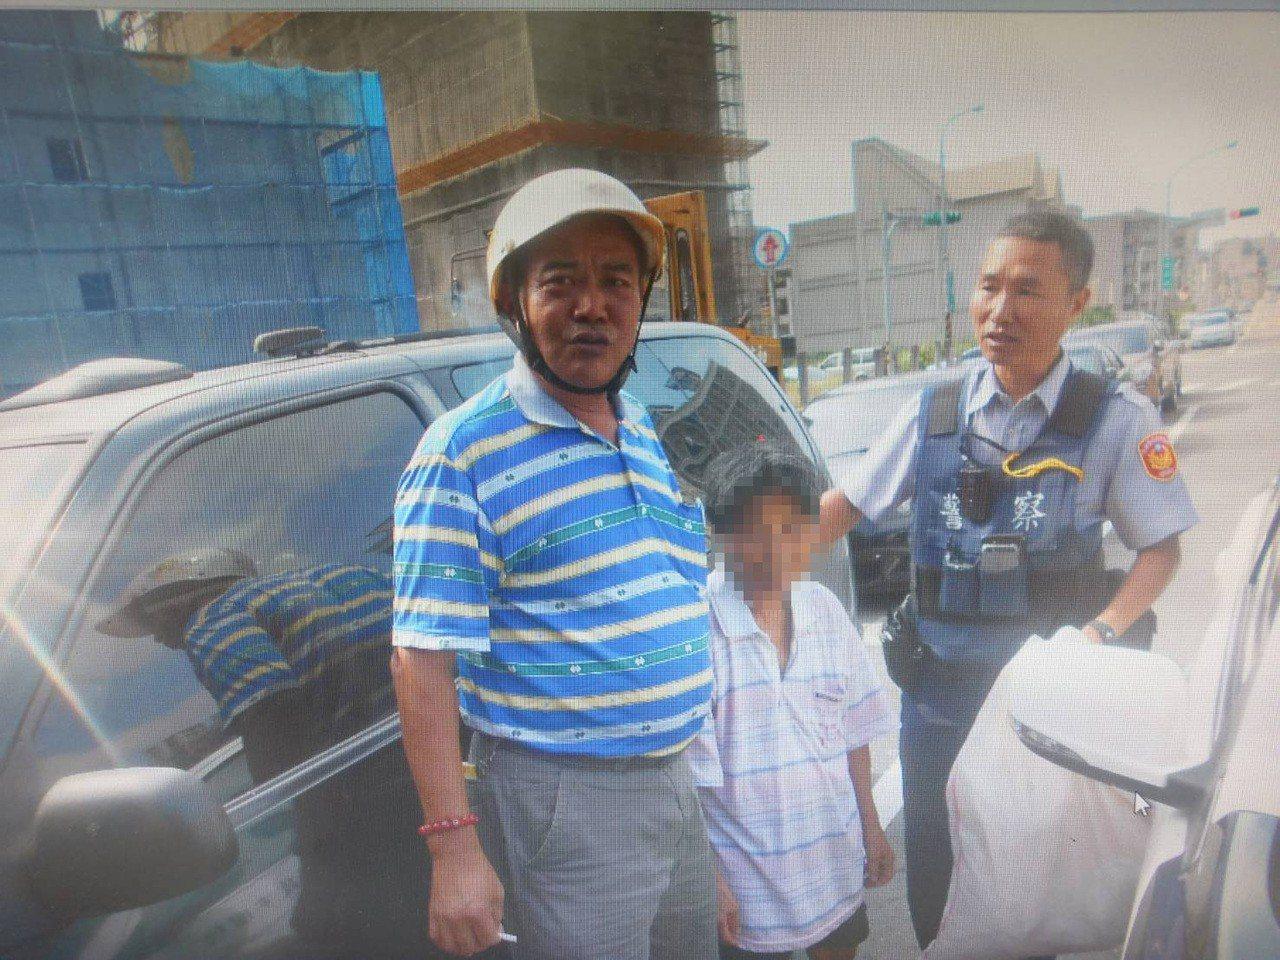 桃園市一名76歲林姓老婦,3天前獨自出門後沒返家,熱心民眾、里長發現後通報派出所...